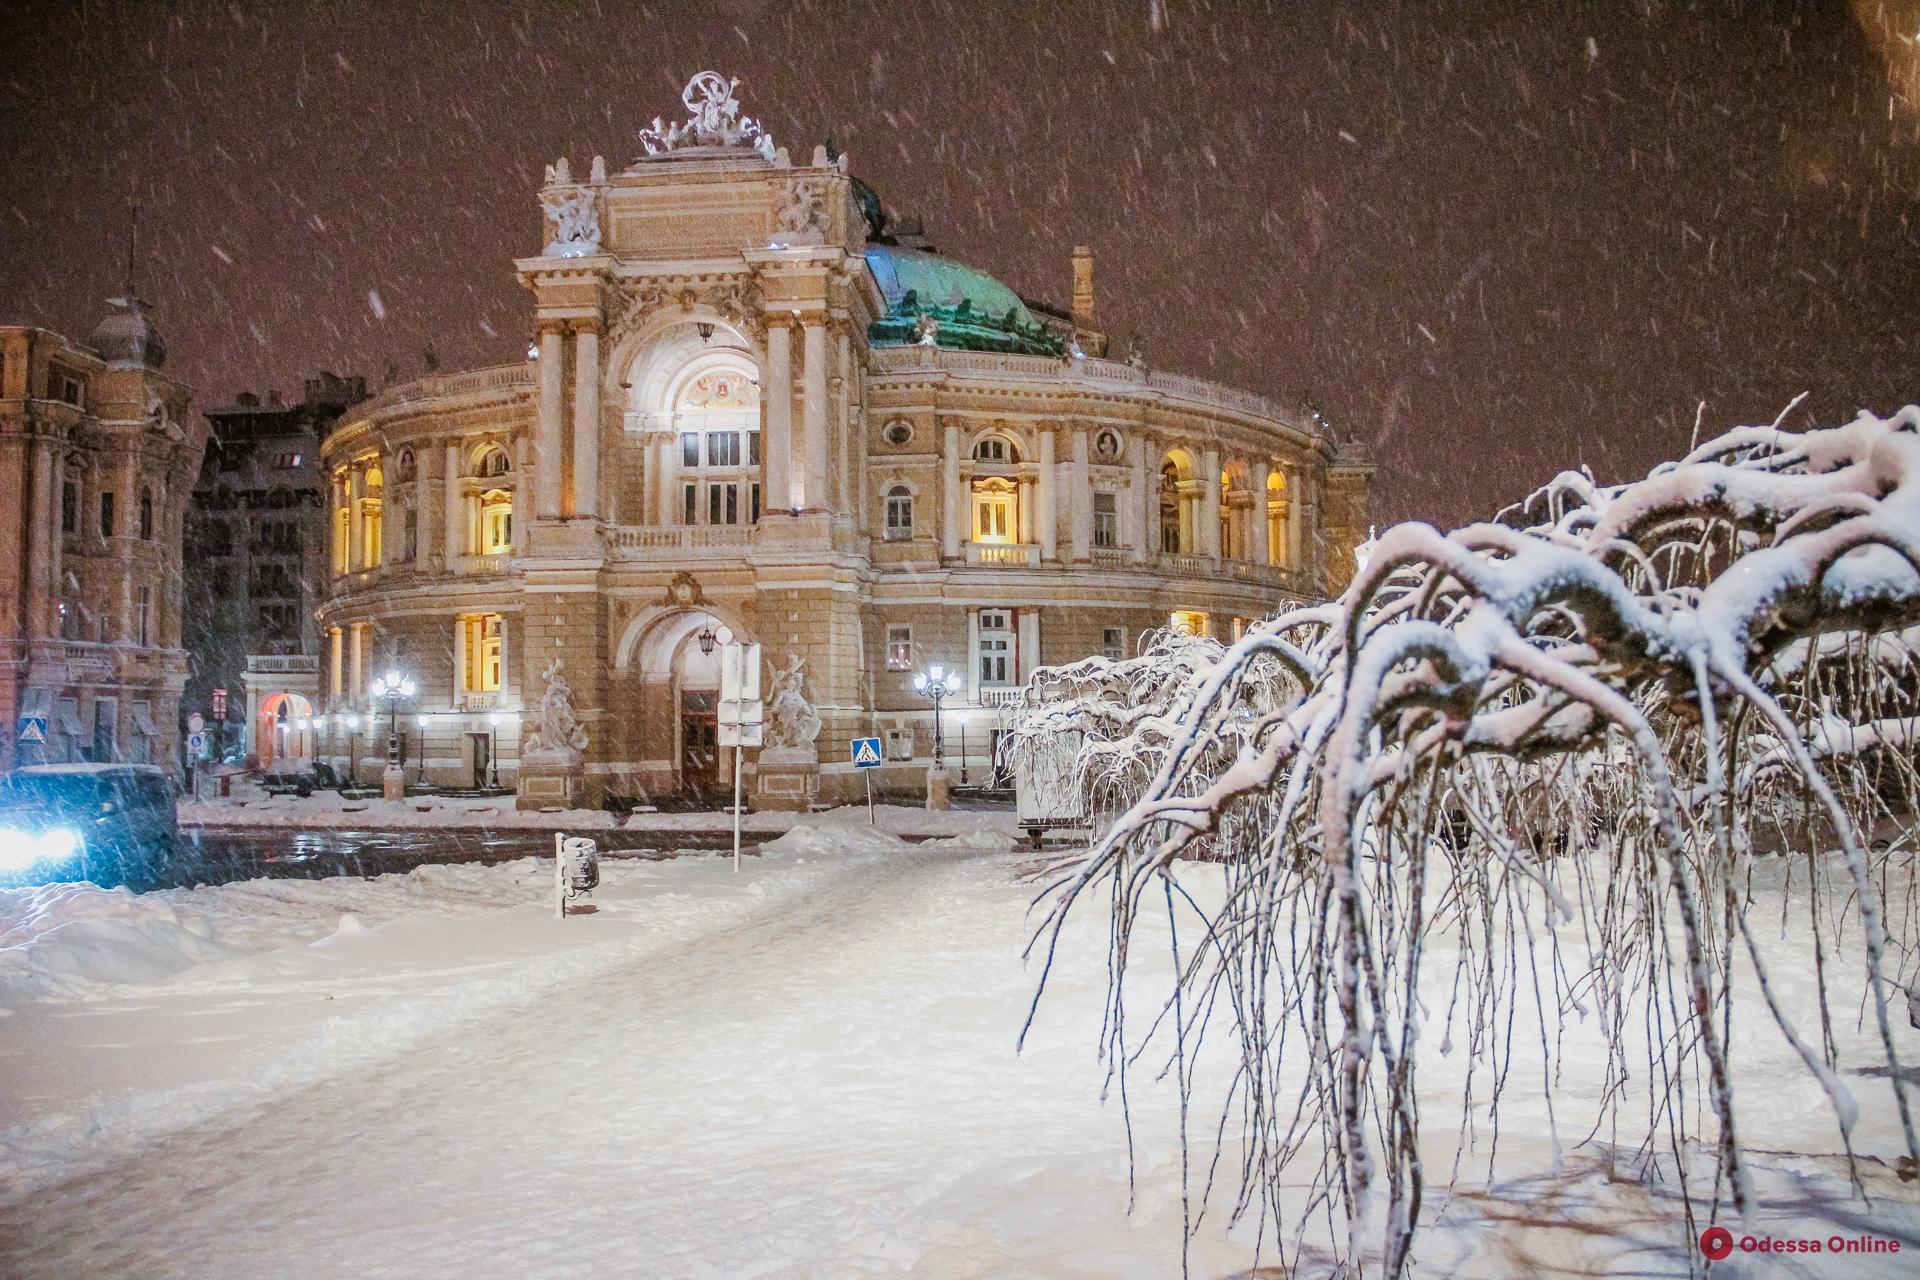 Вечерняя заснеженная Одесса (фоторепортаж)